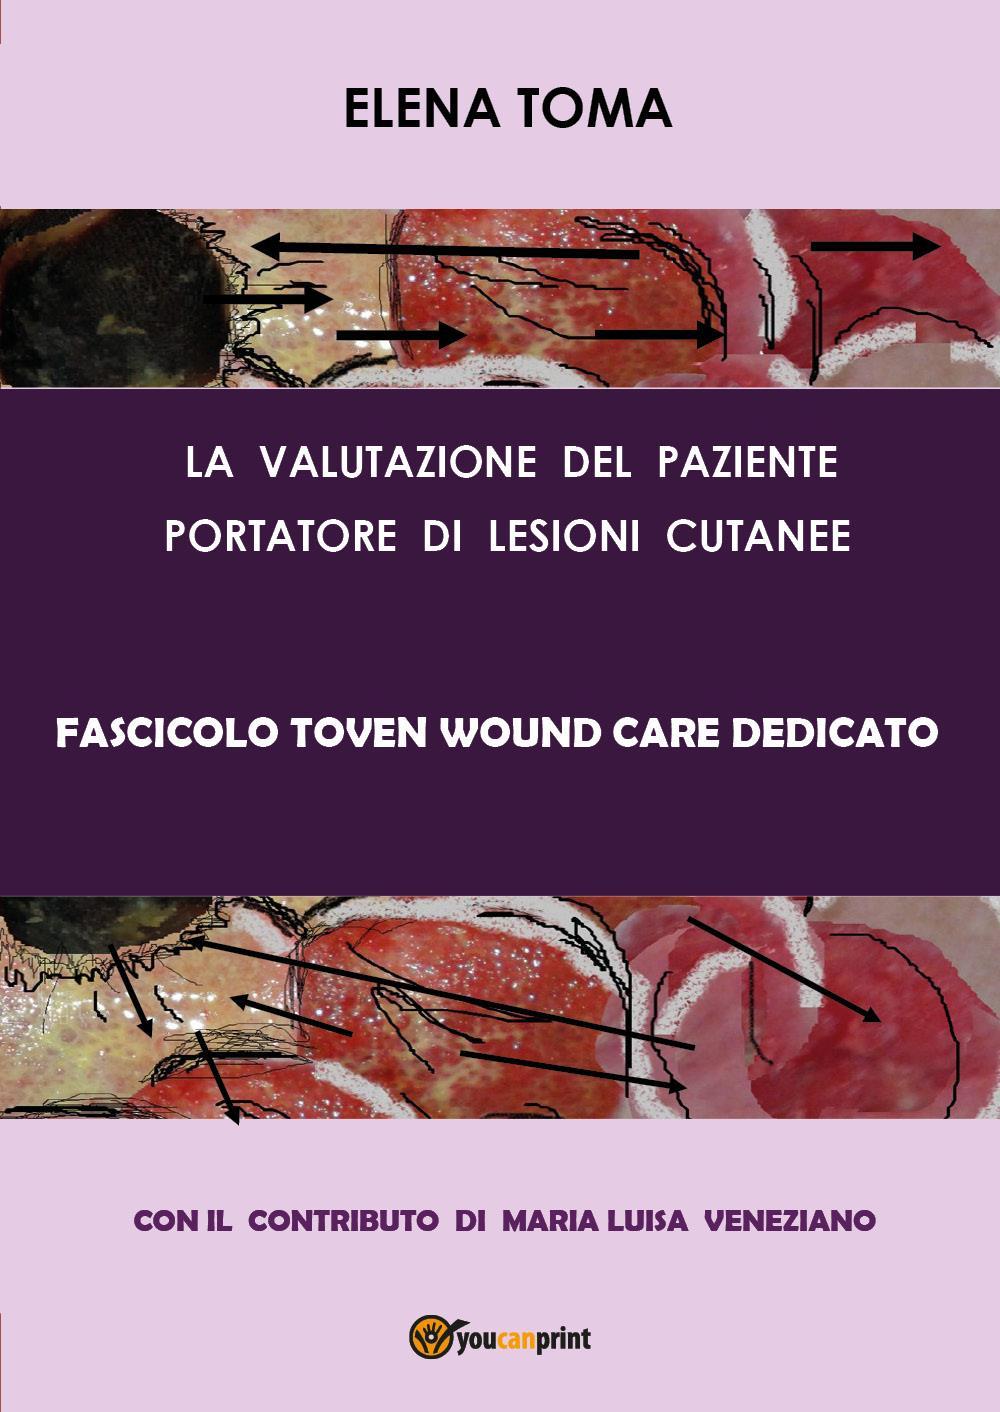 La valutazione del paziente portatore di lesioni cutanee - Fascicolo Toven